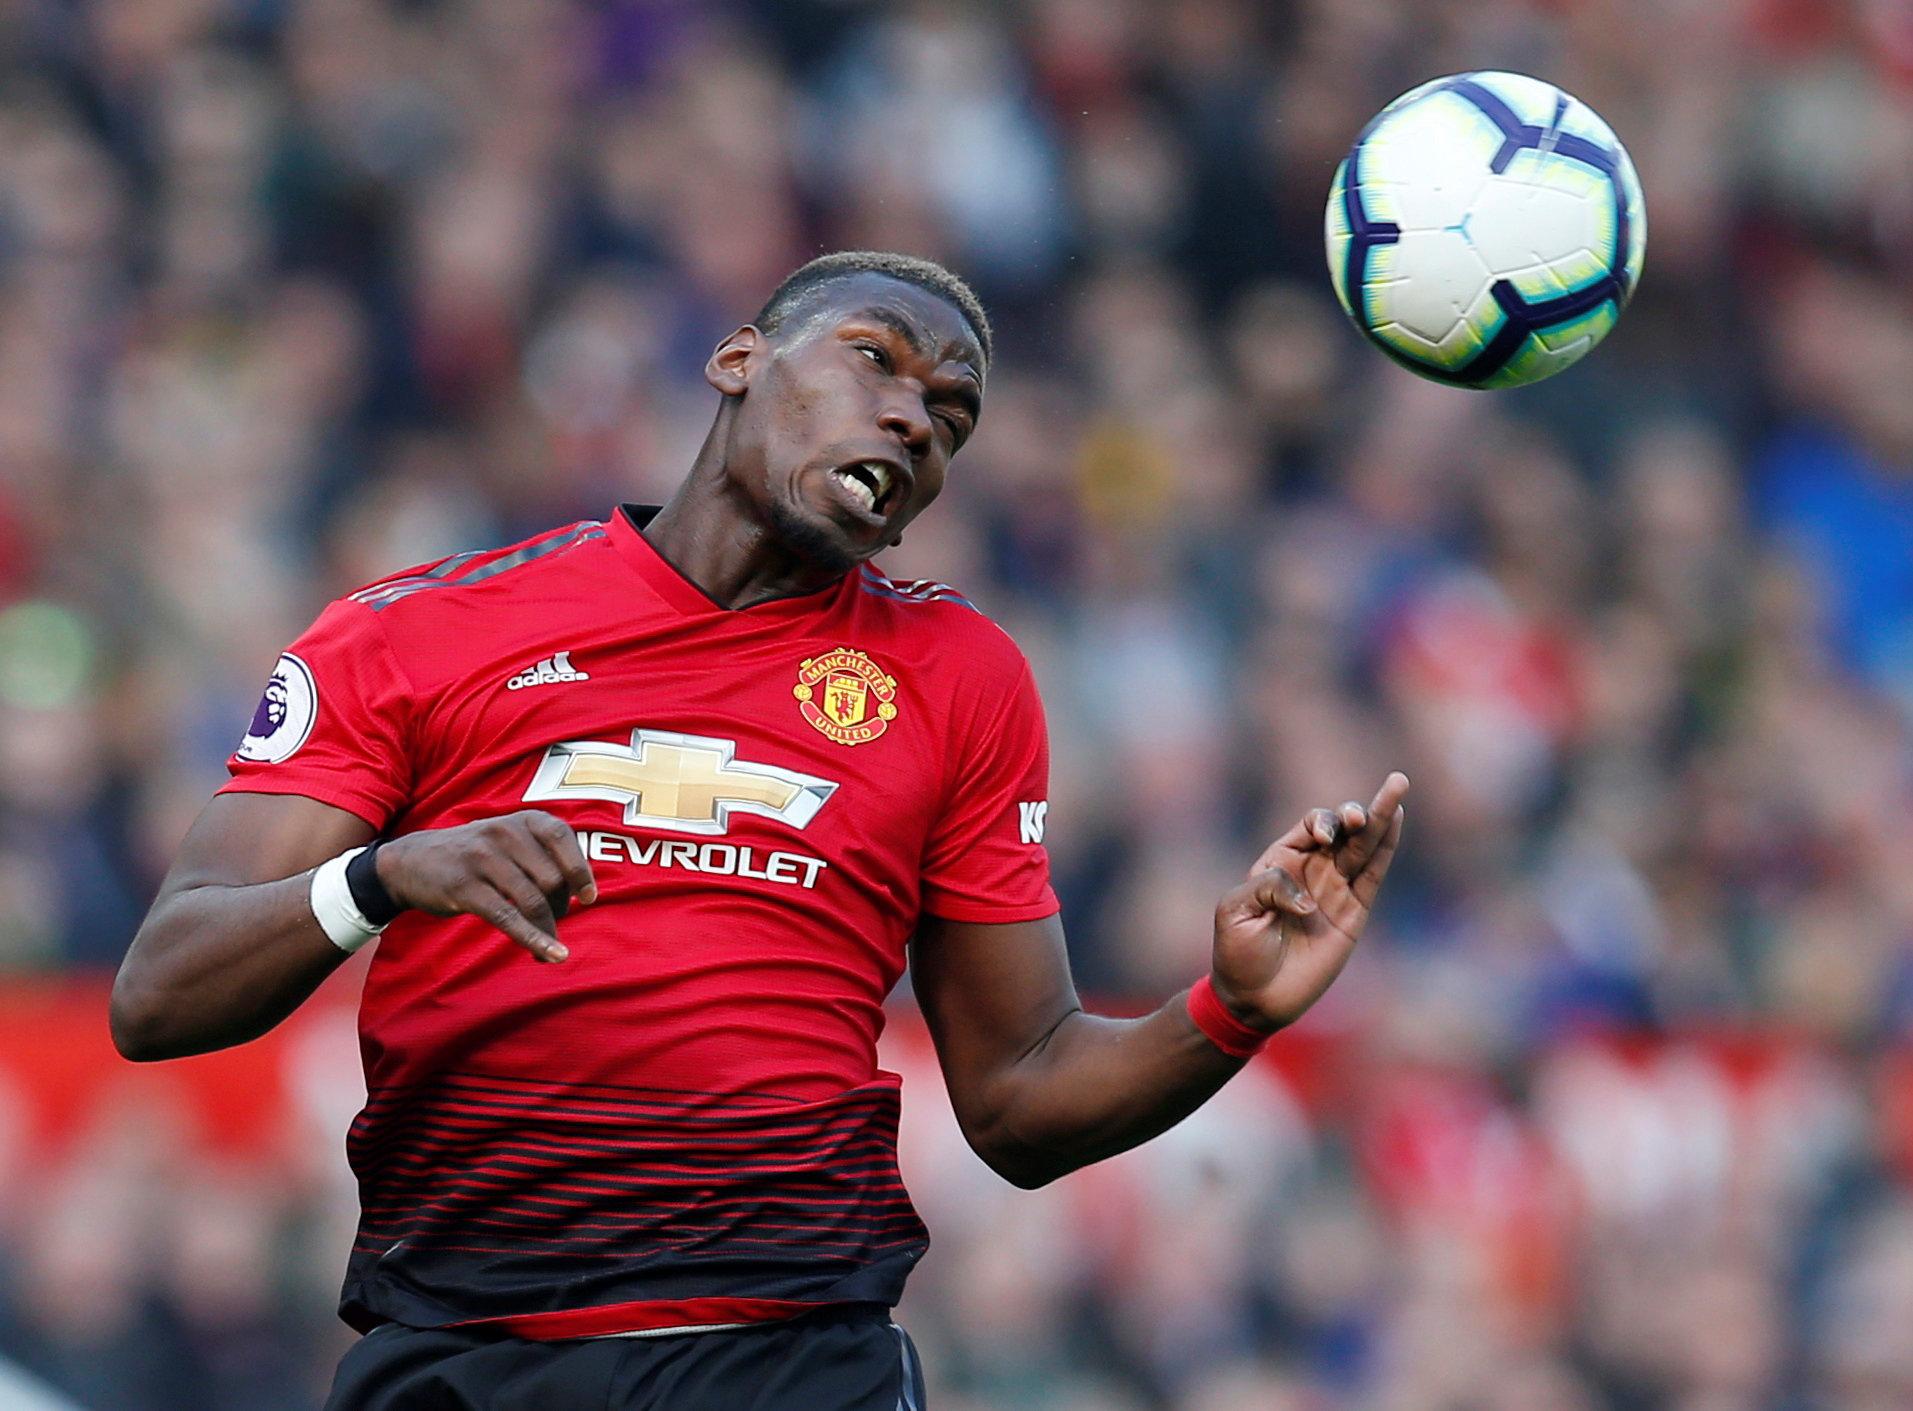 Football - Etranger - Premier League : Wolverhampton-Manchester United en direct